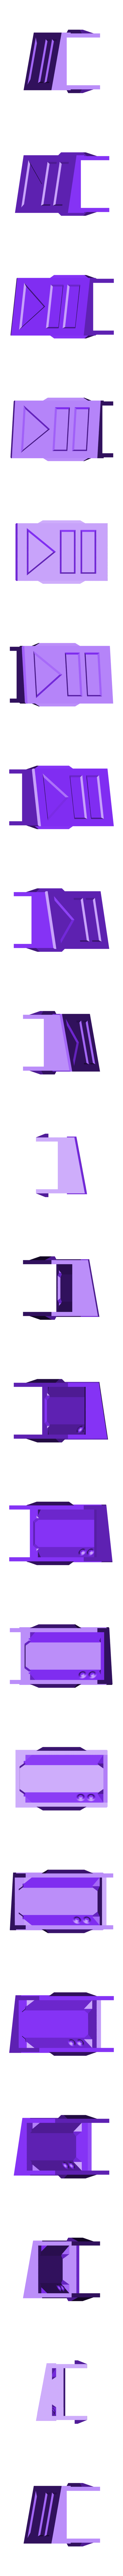 Bouton_forme_v1.2.STL Download free STL file Extruder+ by DAGOMA • 3D printing model, dagomafr